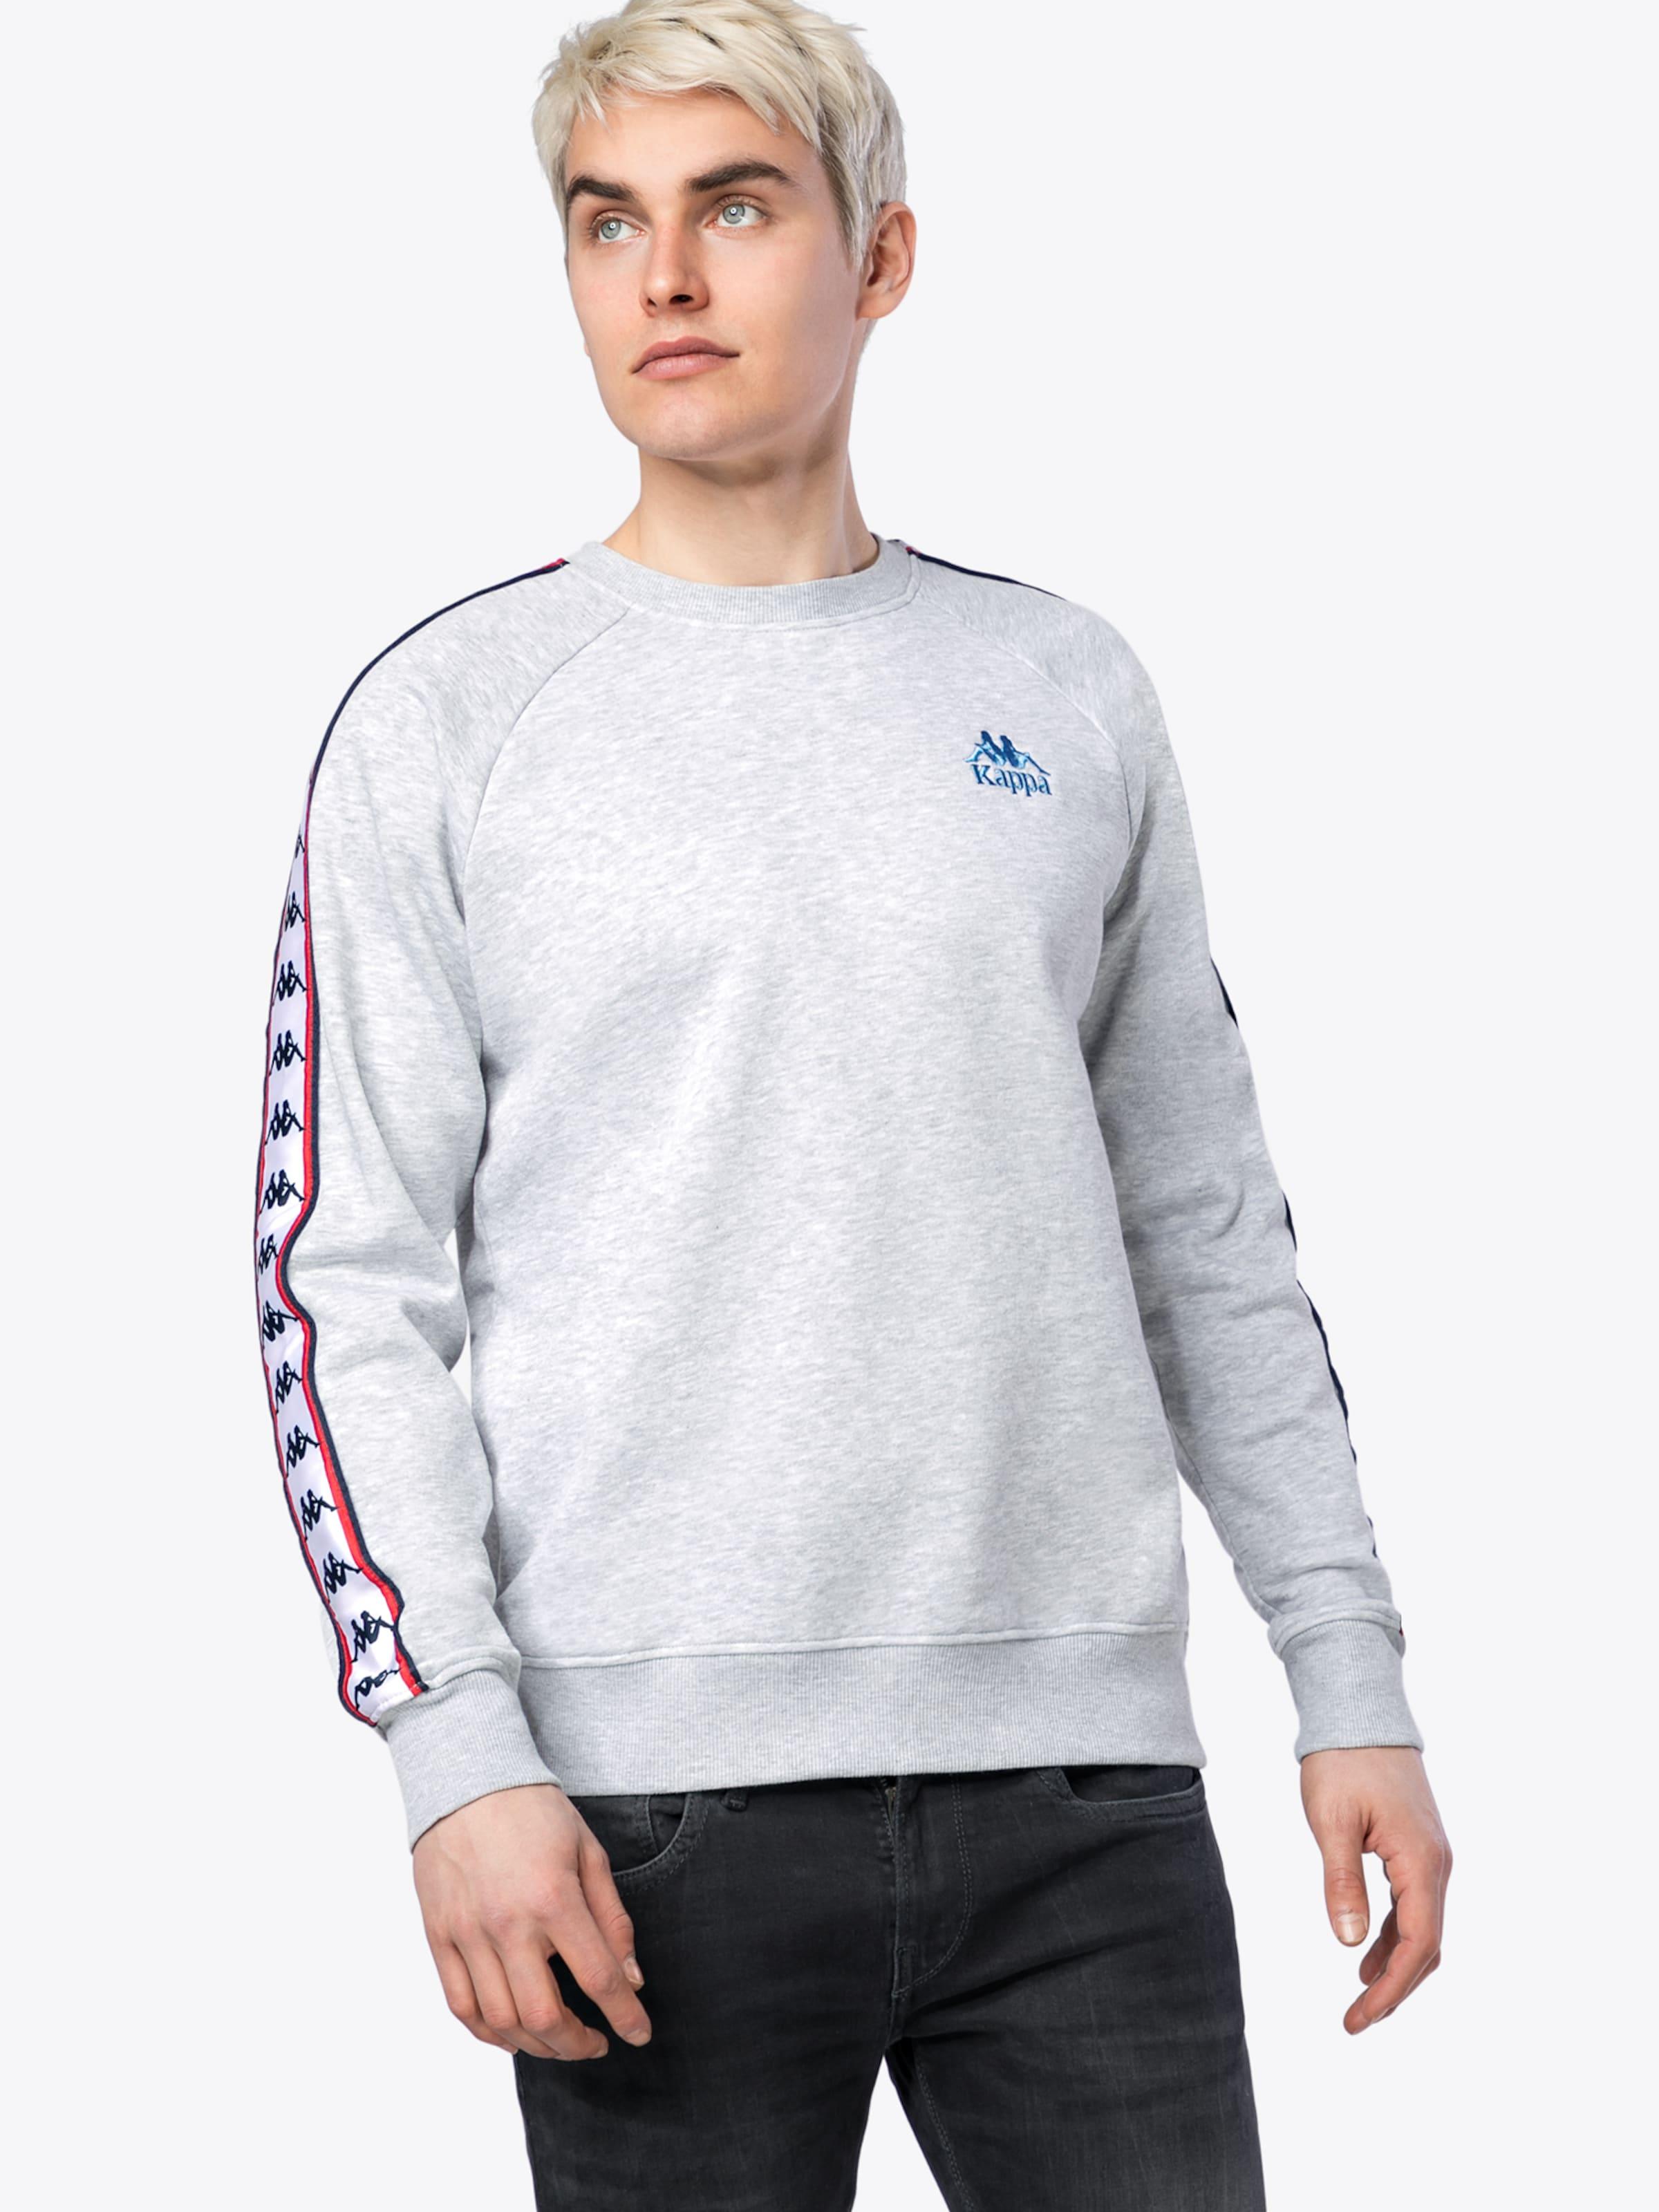 Austrittsspeicherstellen Shop Für Günstigen Preis KAPPA Sweatshirt 'AUTHENTIC CARL' Kauf Zum Verkauf Austritt Ansicht 100% Authentisch Günstig Online ntqdhGYz